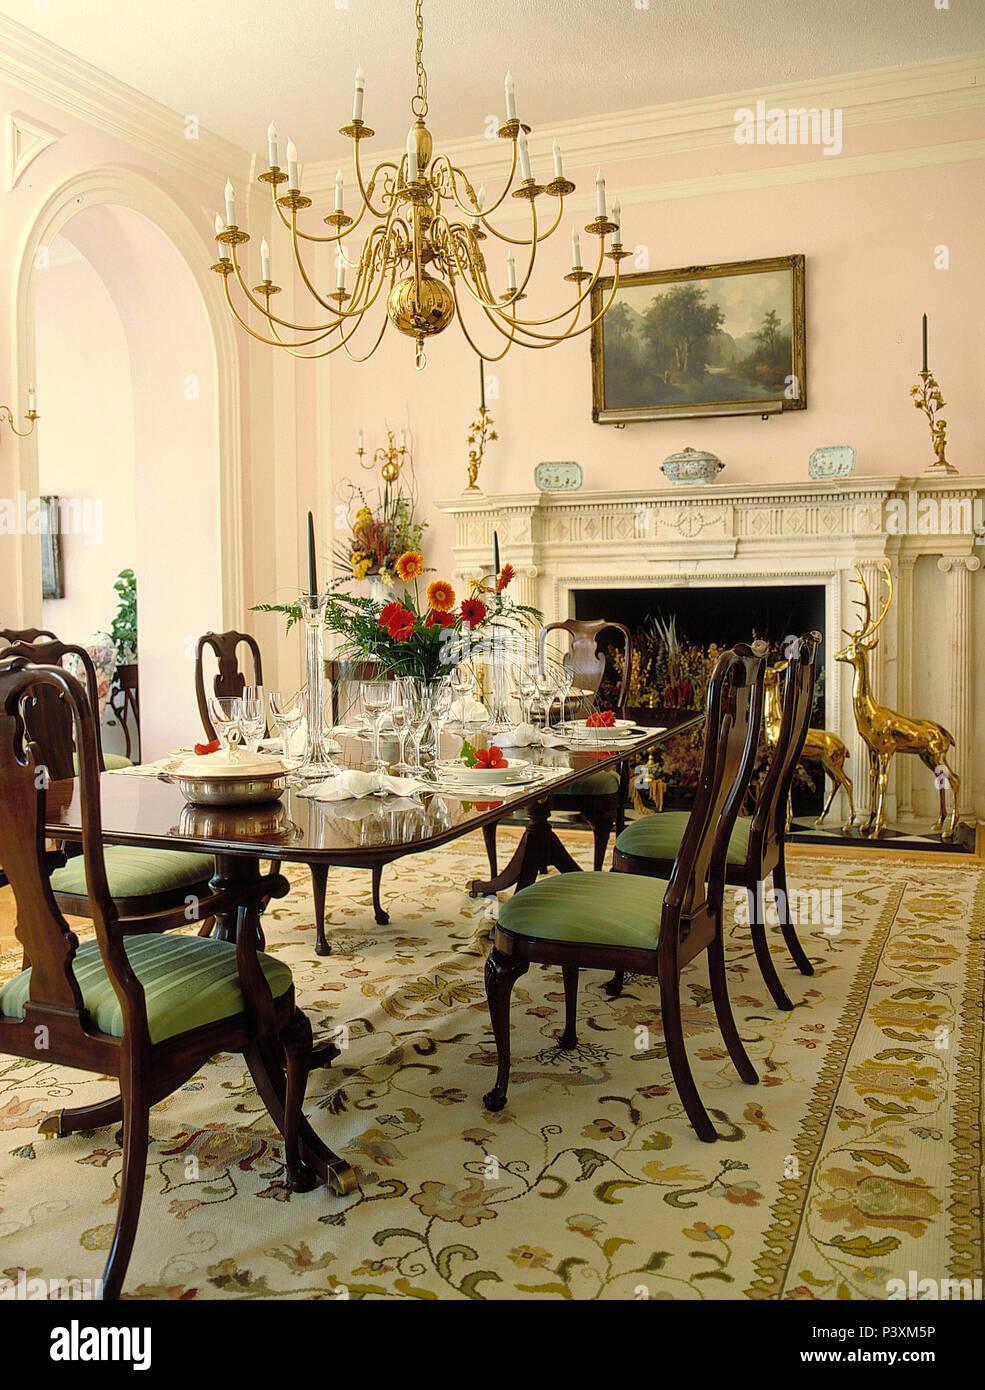 Plus De Lustre Acajou Antique Table A Manger Et Chaises En Grande